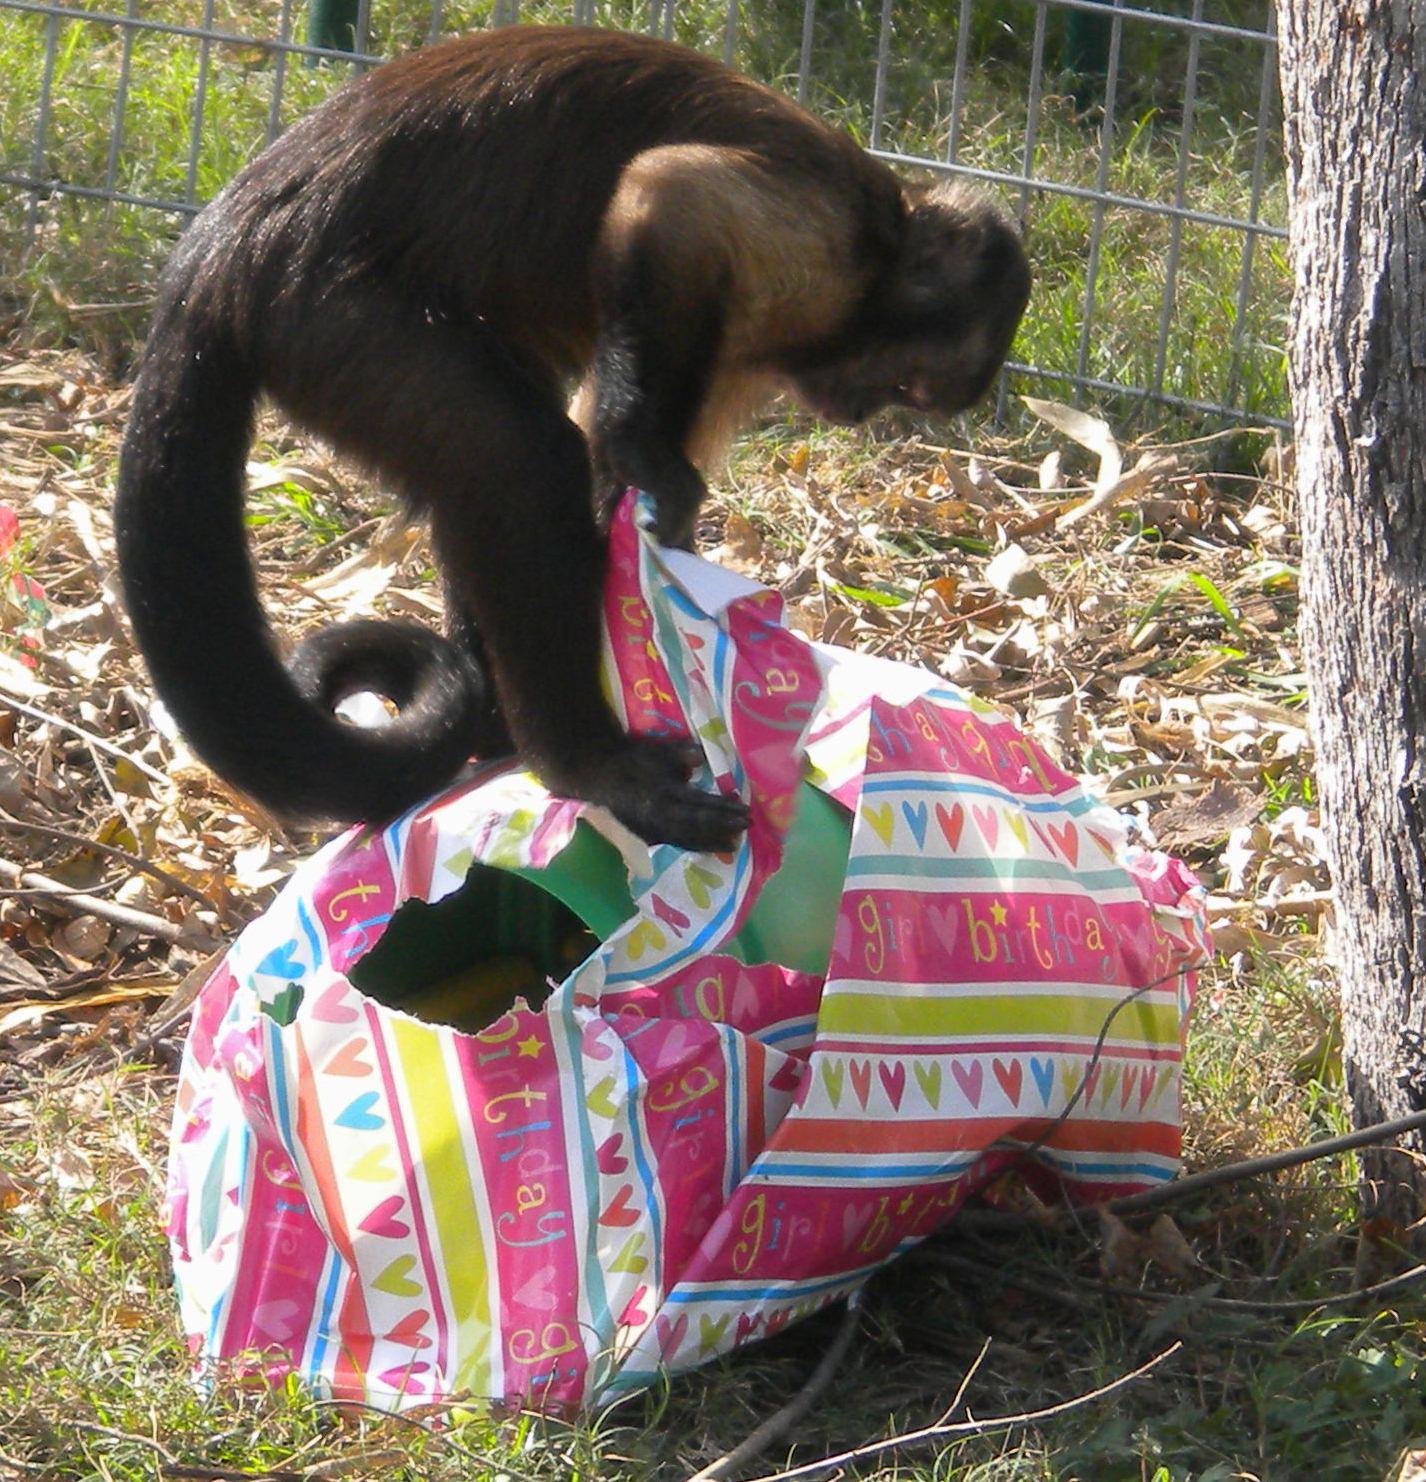 Jungle Friends Primate Sanctuary: JN-2011-12-27 Monkey Christmas